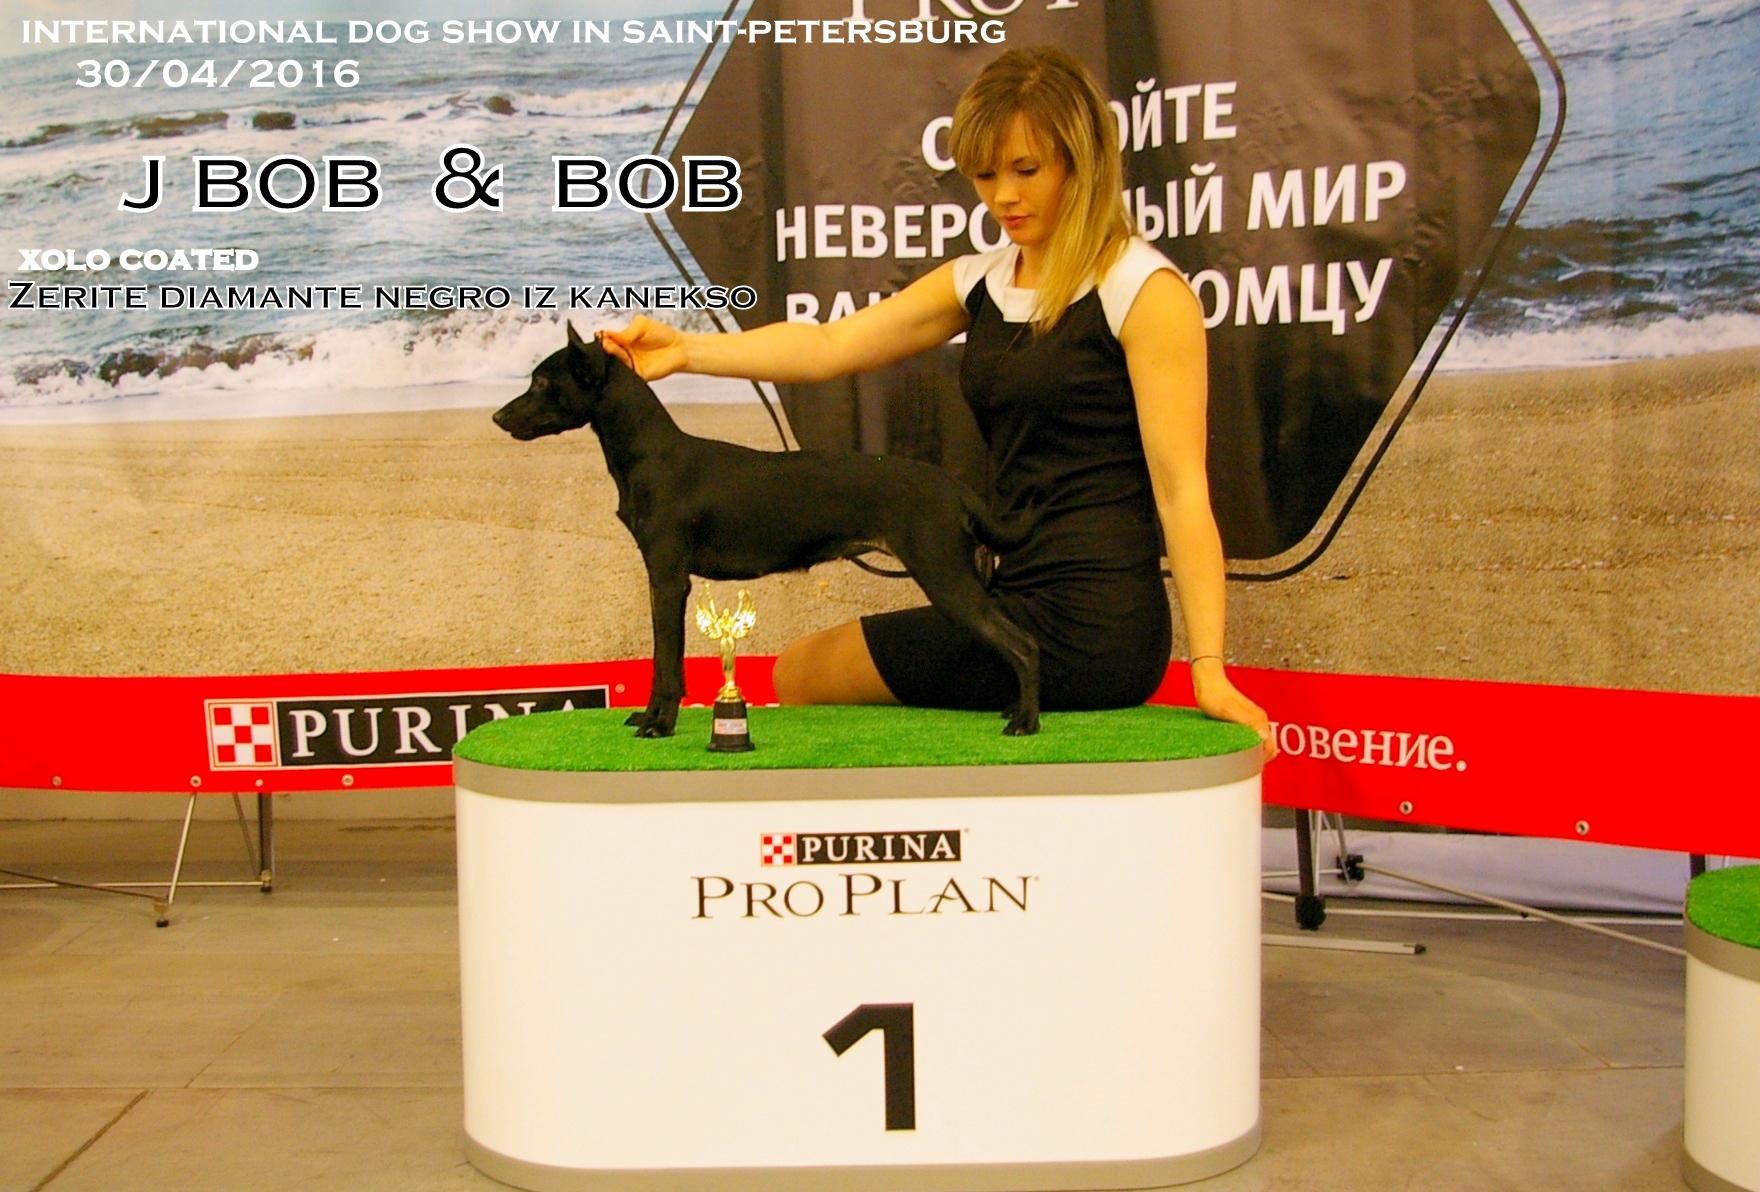 Ади- ЛПП на международной выставке. Первый ксоло в шерсти в северо-западе- Юный Чемпион России